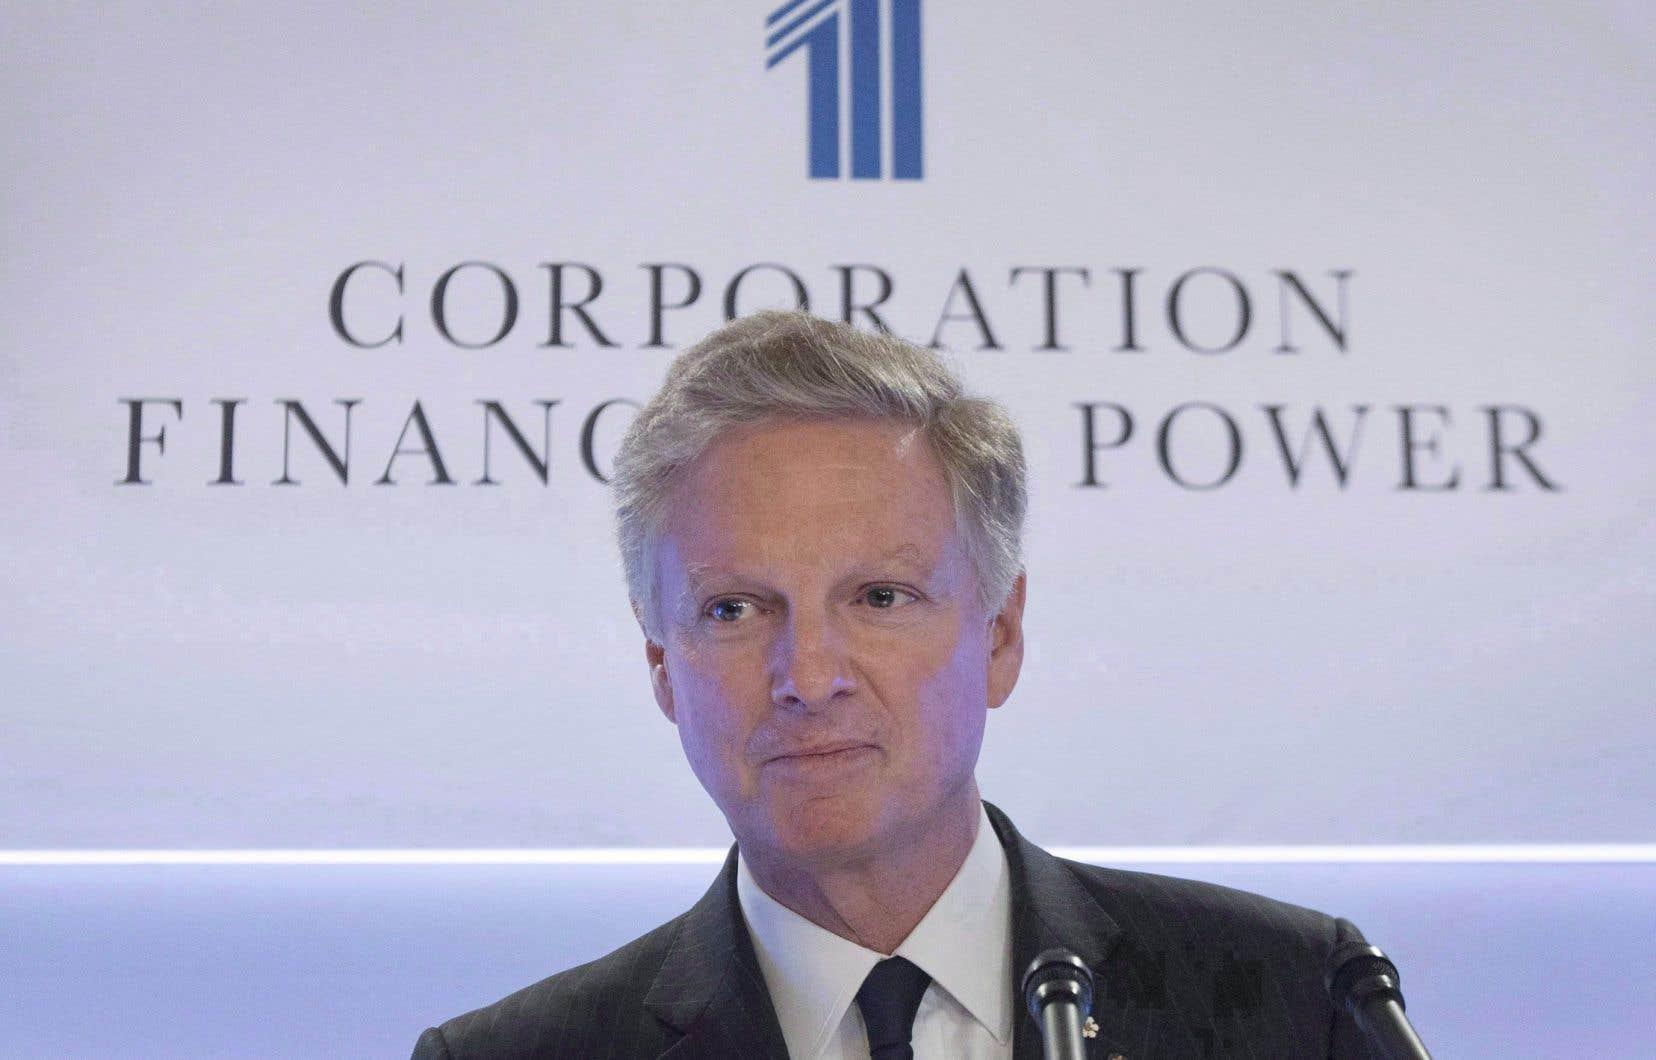 Le président du conseil et co-chef de la direction de Power Corporation, Paul Desmarais fils